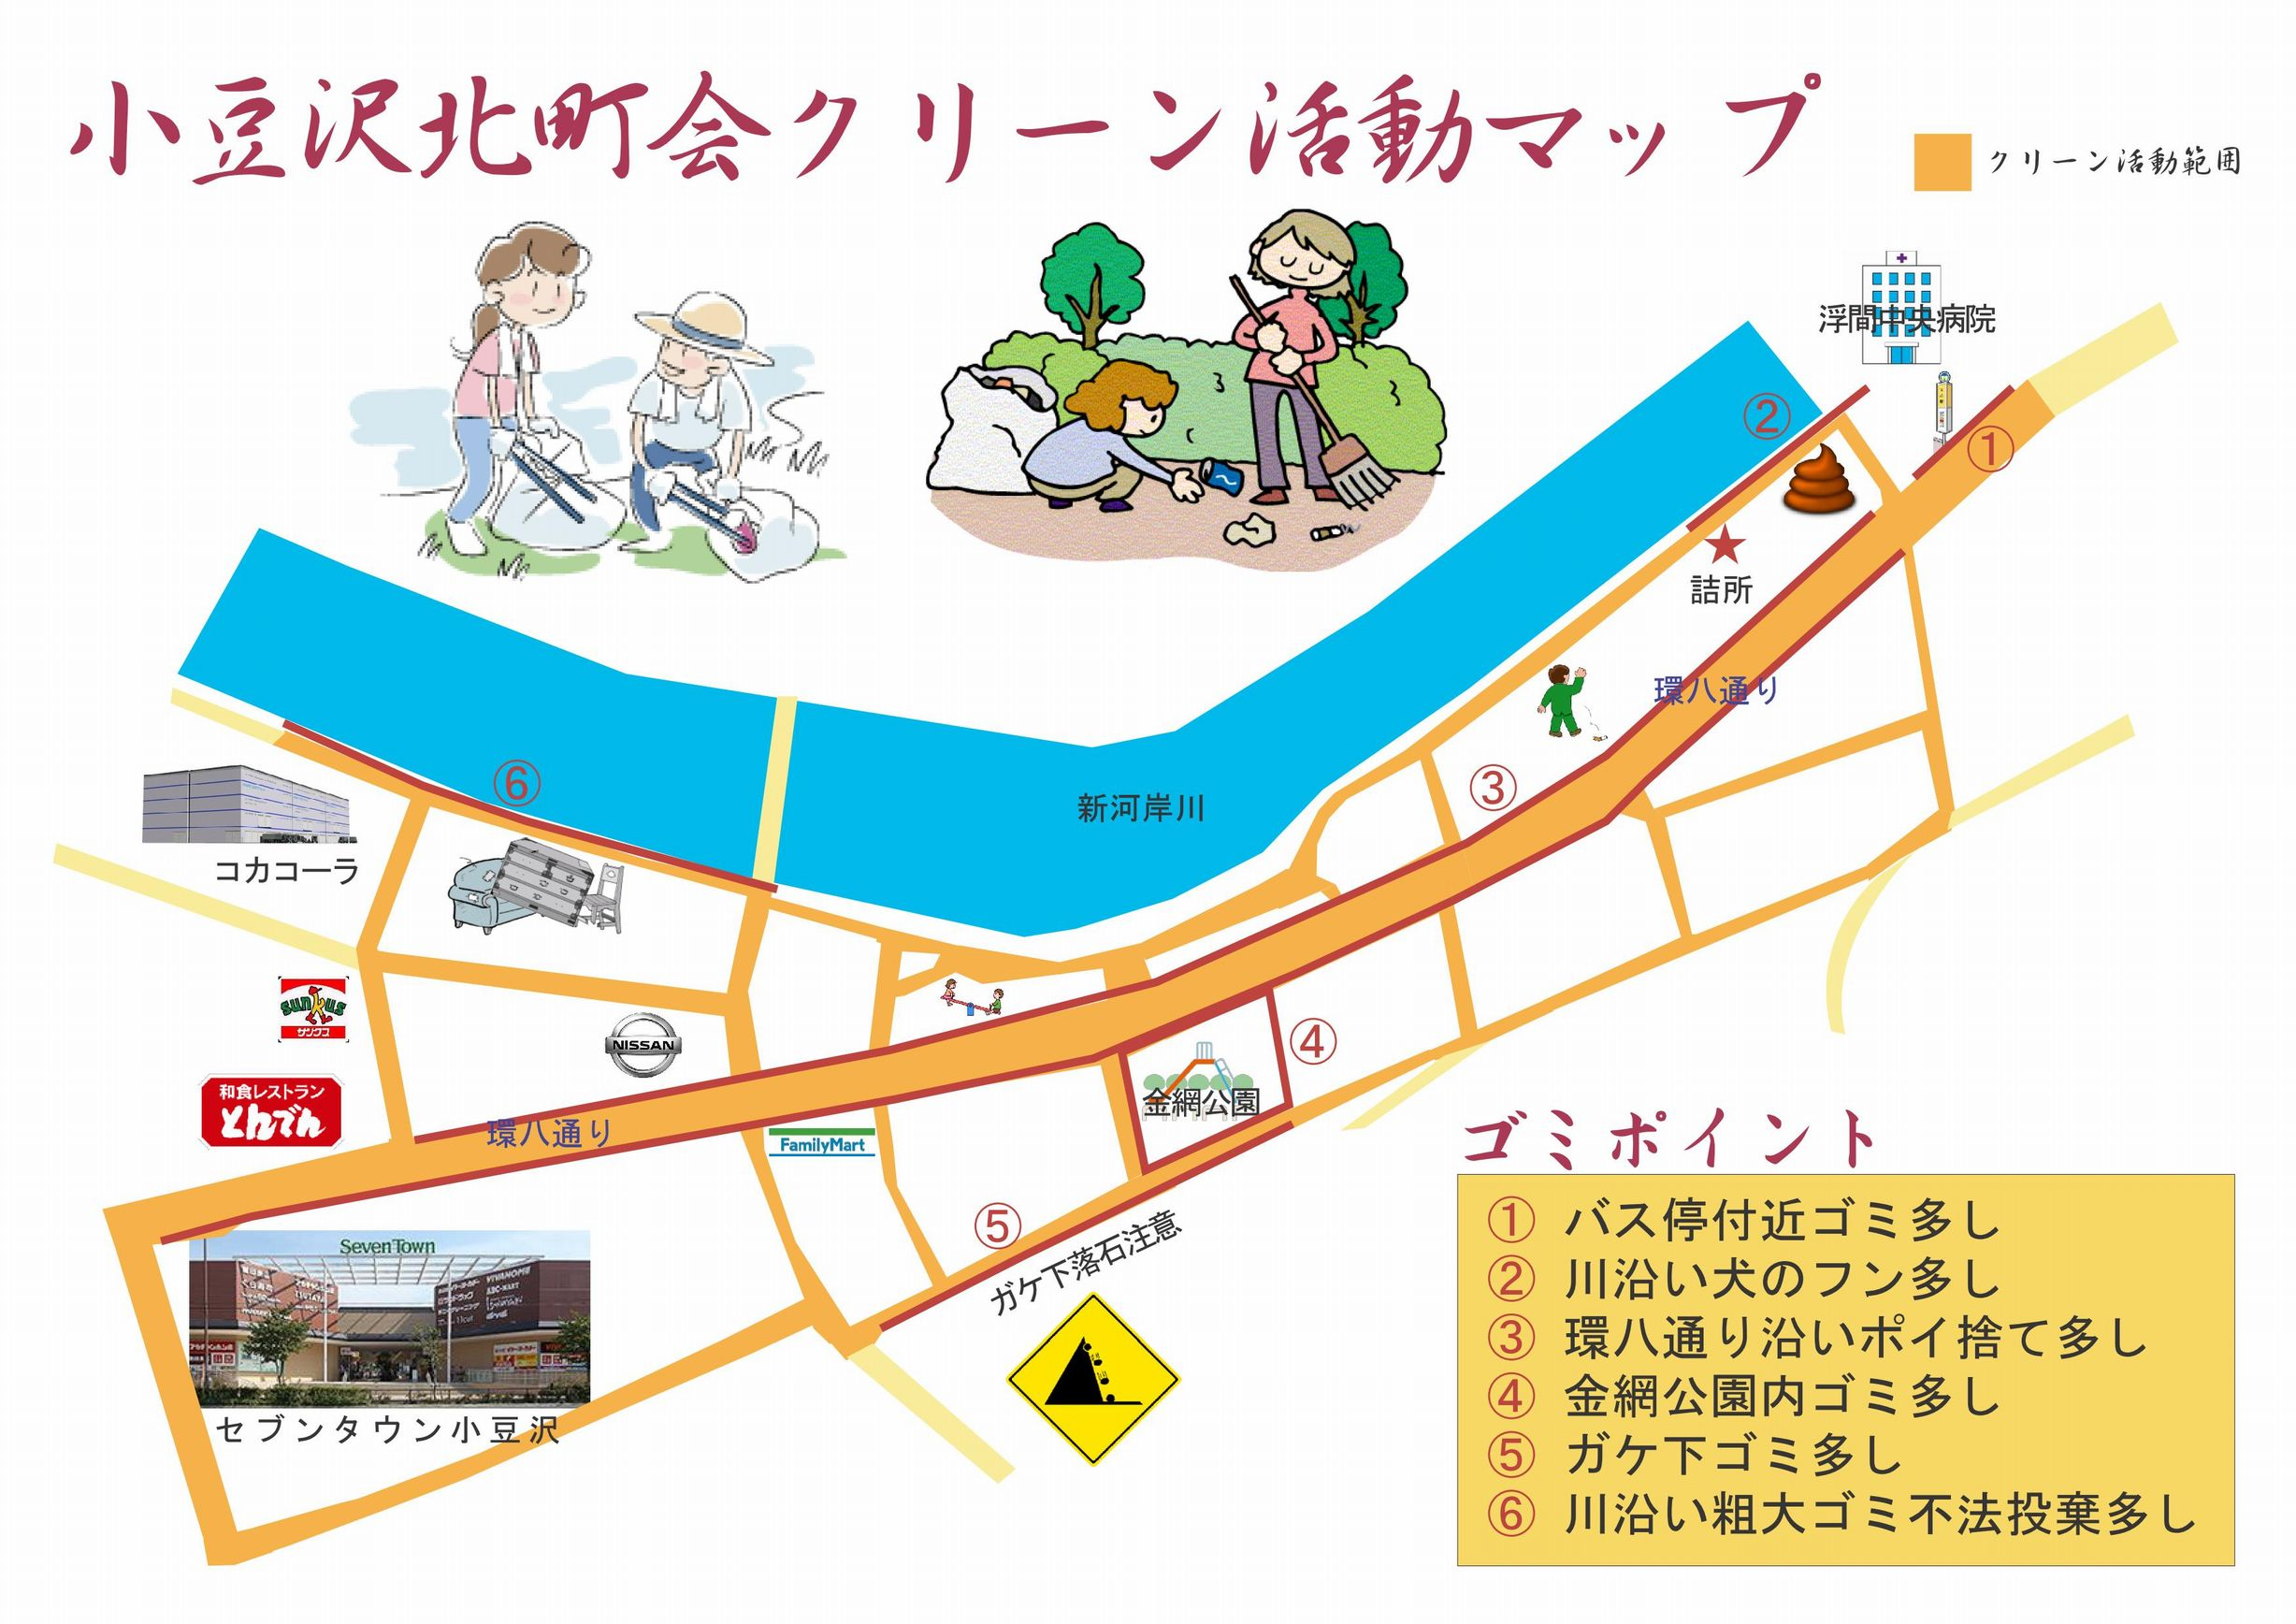 町会クリーン活動マップ